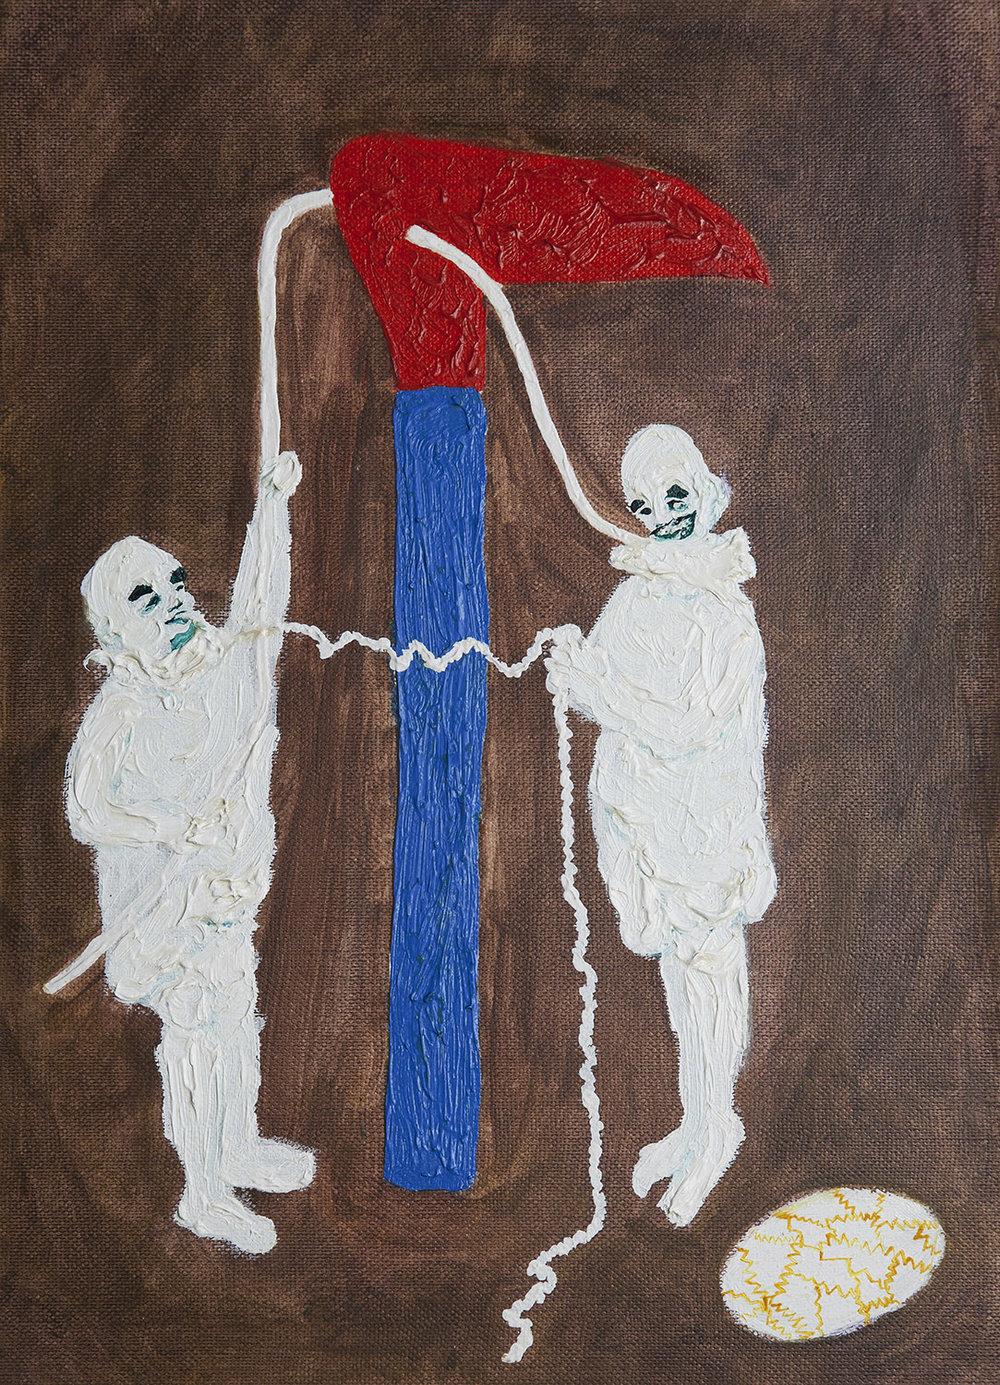 Jesters II, 2014, Oil on paper, 29x21cm, R3,000_1500.jpg